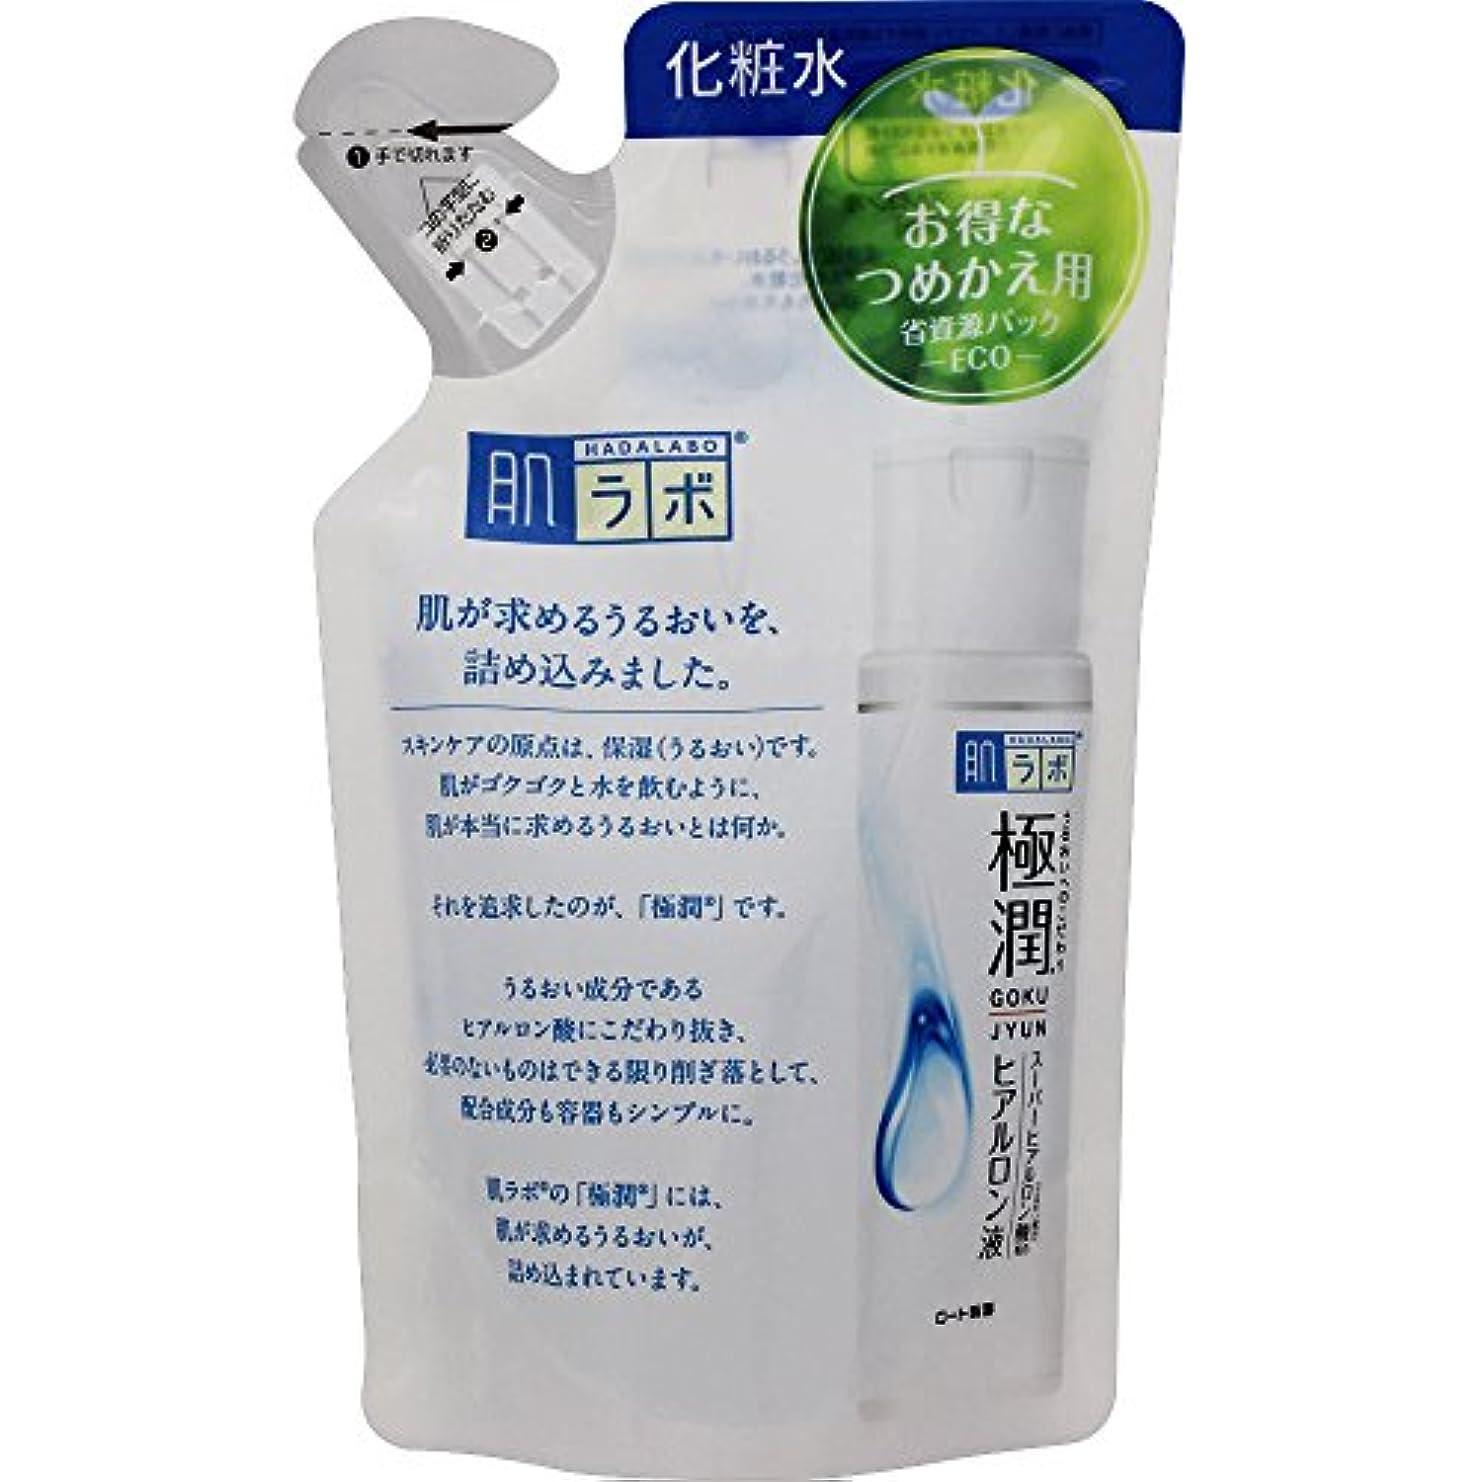 確かめる広がりお祝い肌ラボ 極潤 ヒアルロン酸 化粧水 ヒアルロン酸3種配合 詰替用 170ml